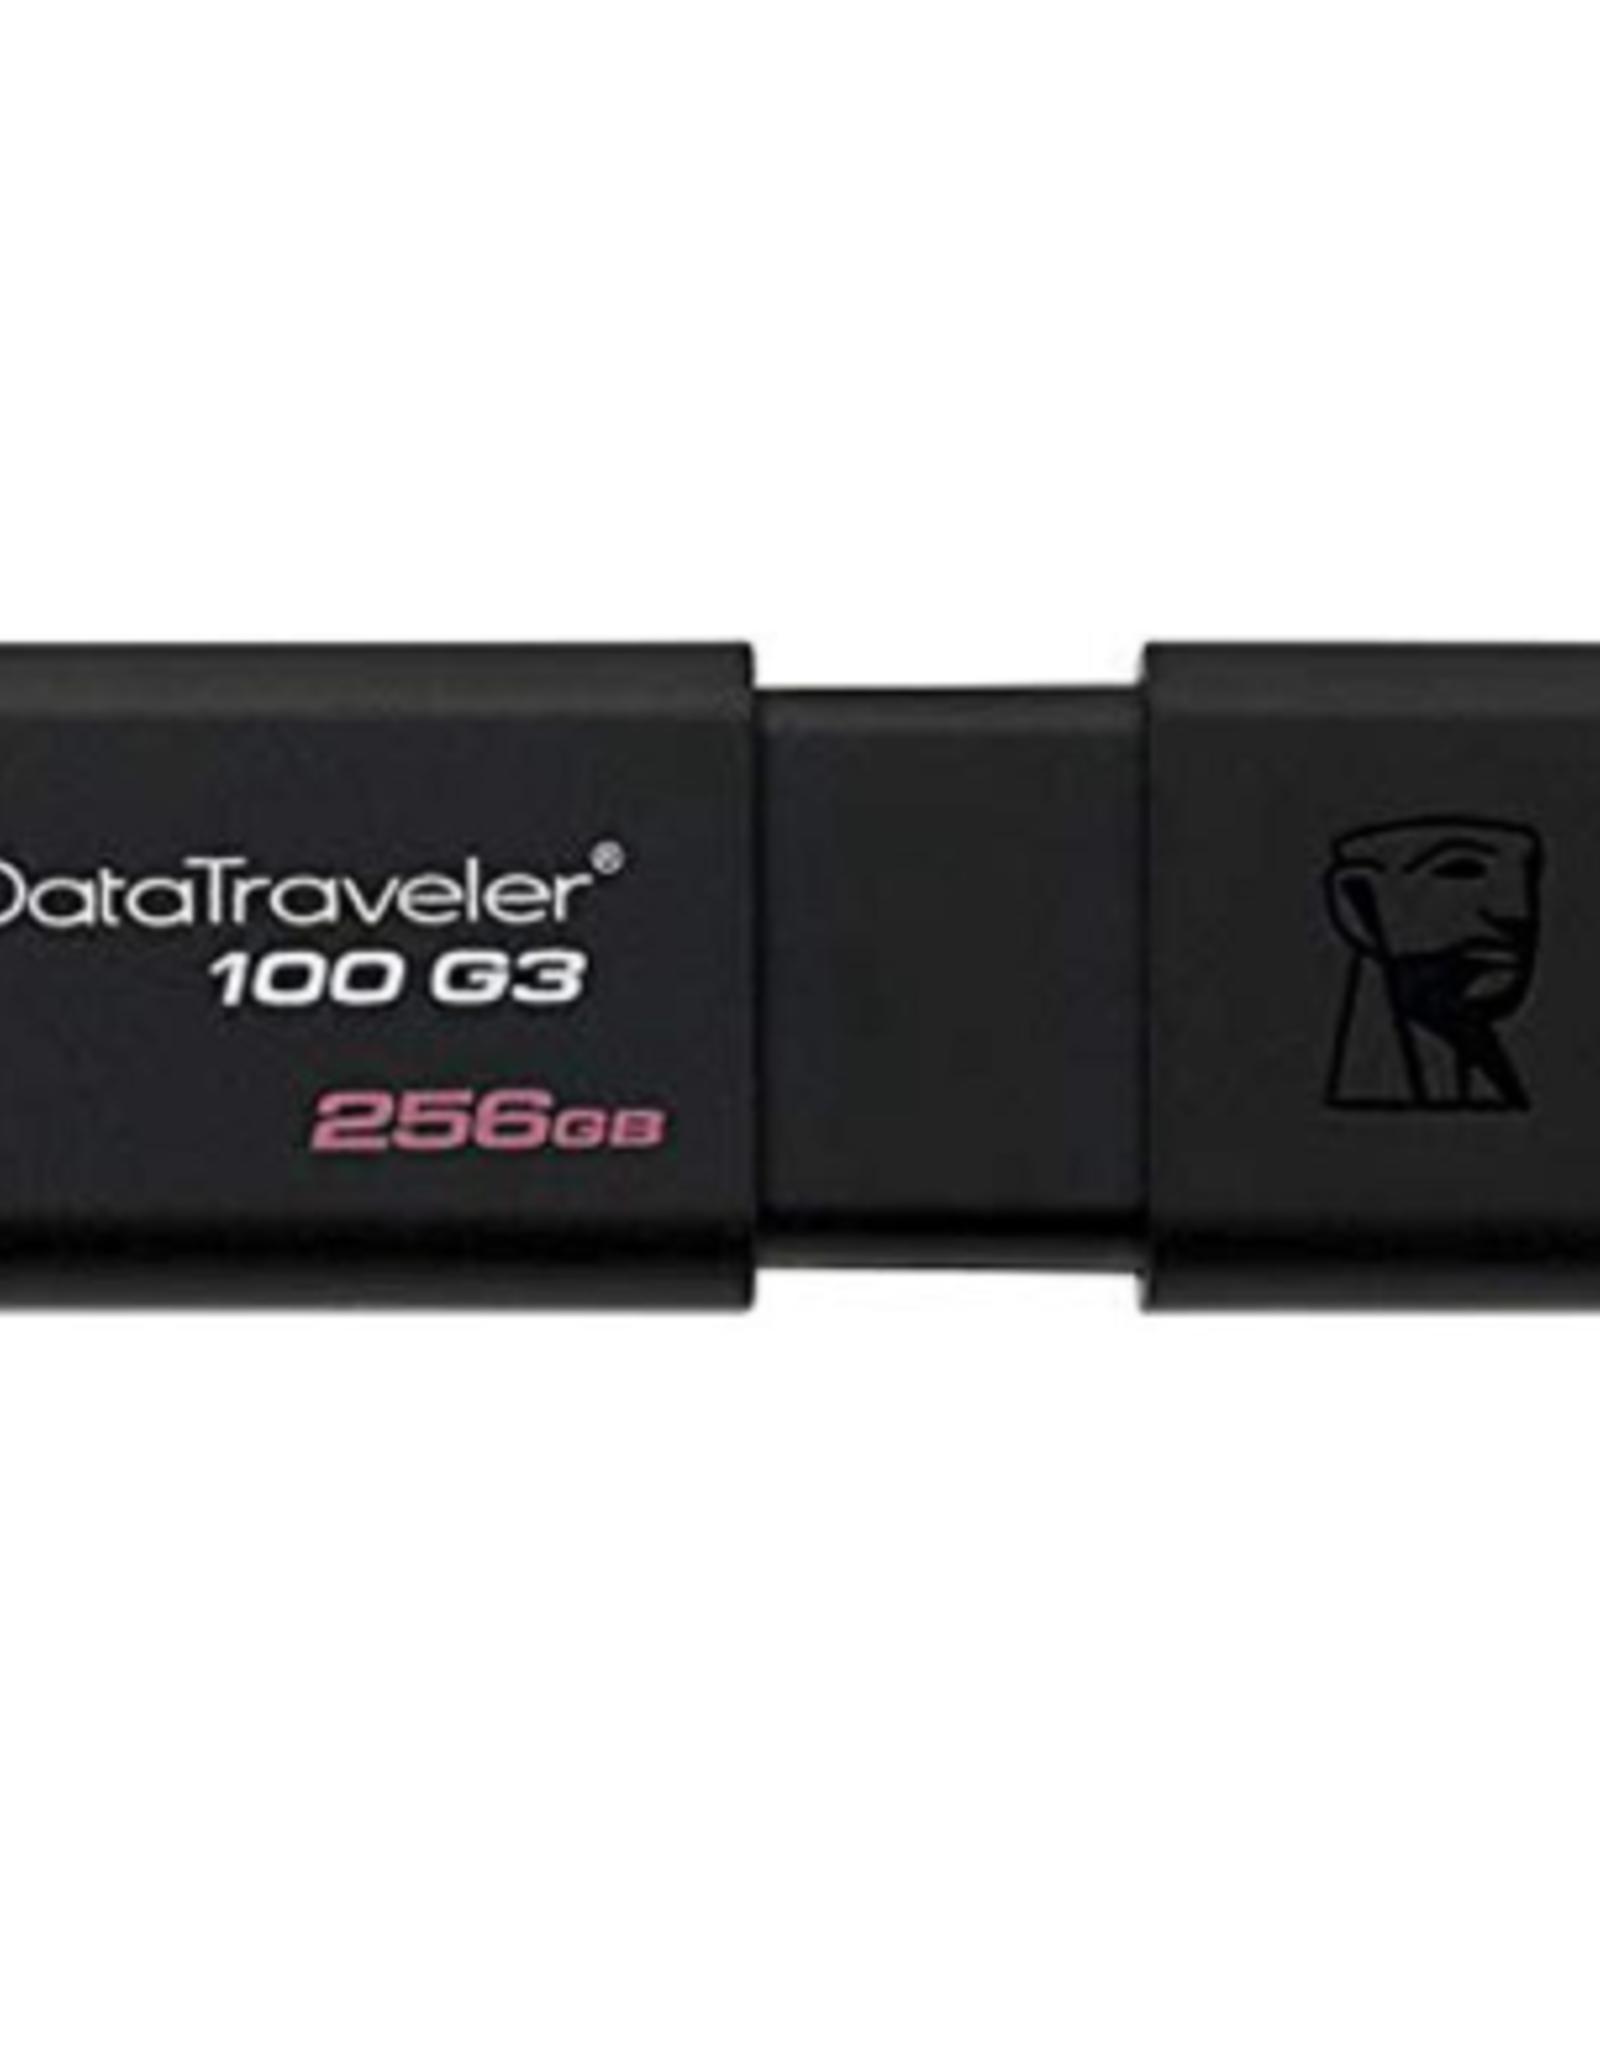 Kingston Kingston | 256GB USB 3.0 DataTraveler 100 G3 (130MB/s read) DT100G3/256GBCR